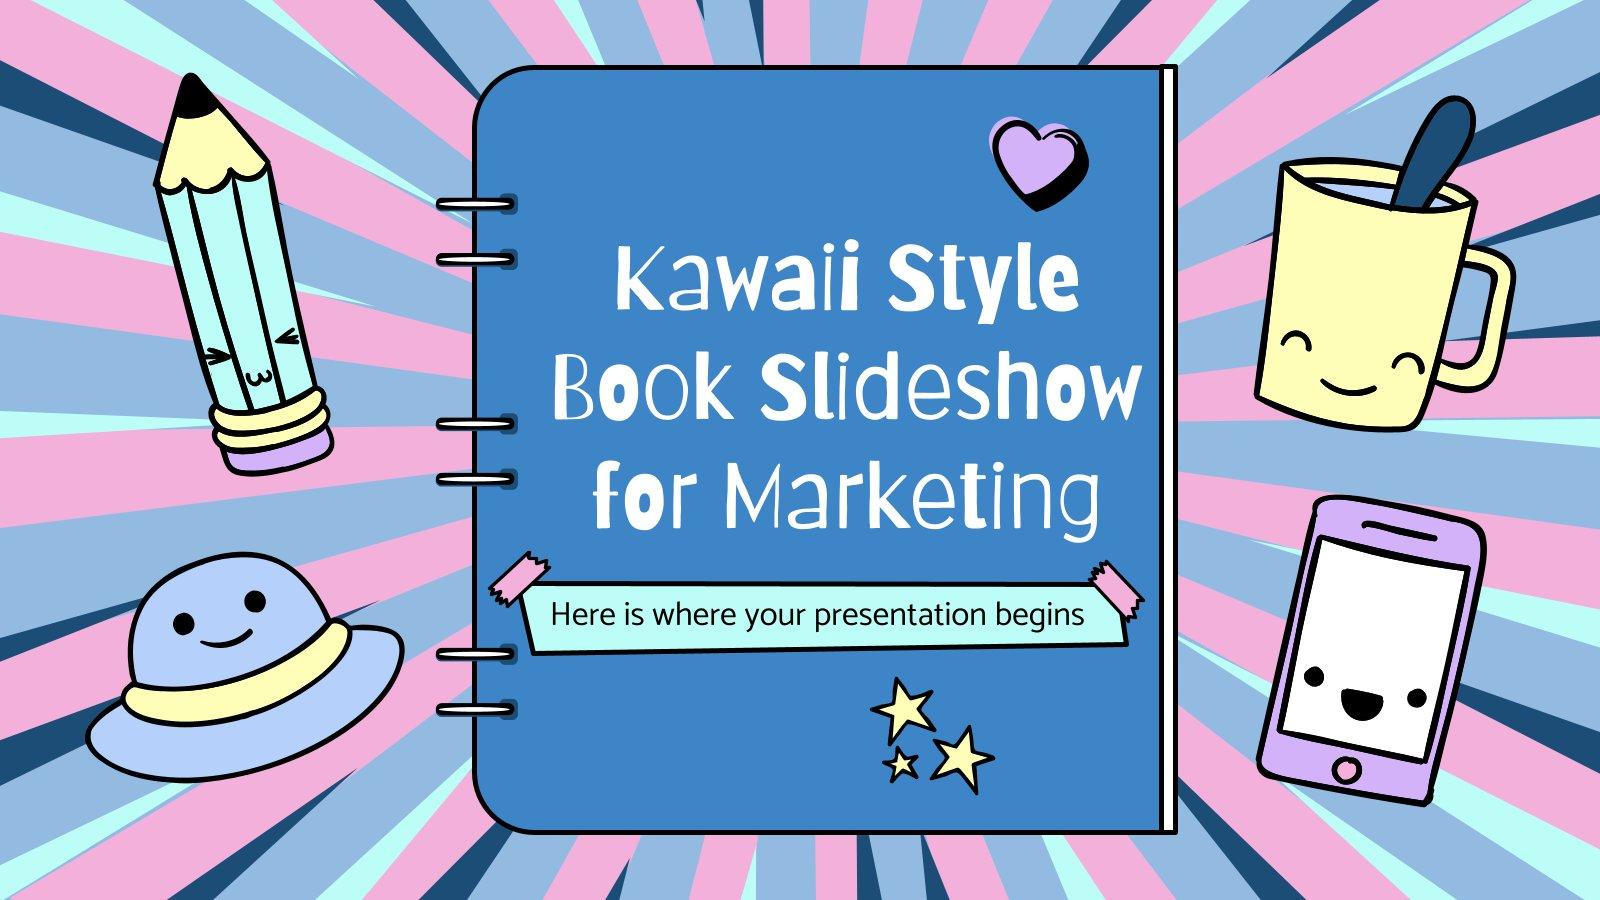 Modelo de apresentação Marketing: apresentação de slides do livro em estilo kawaii